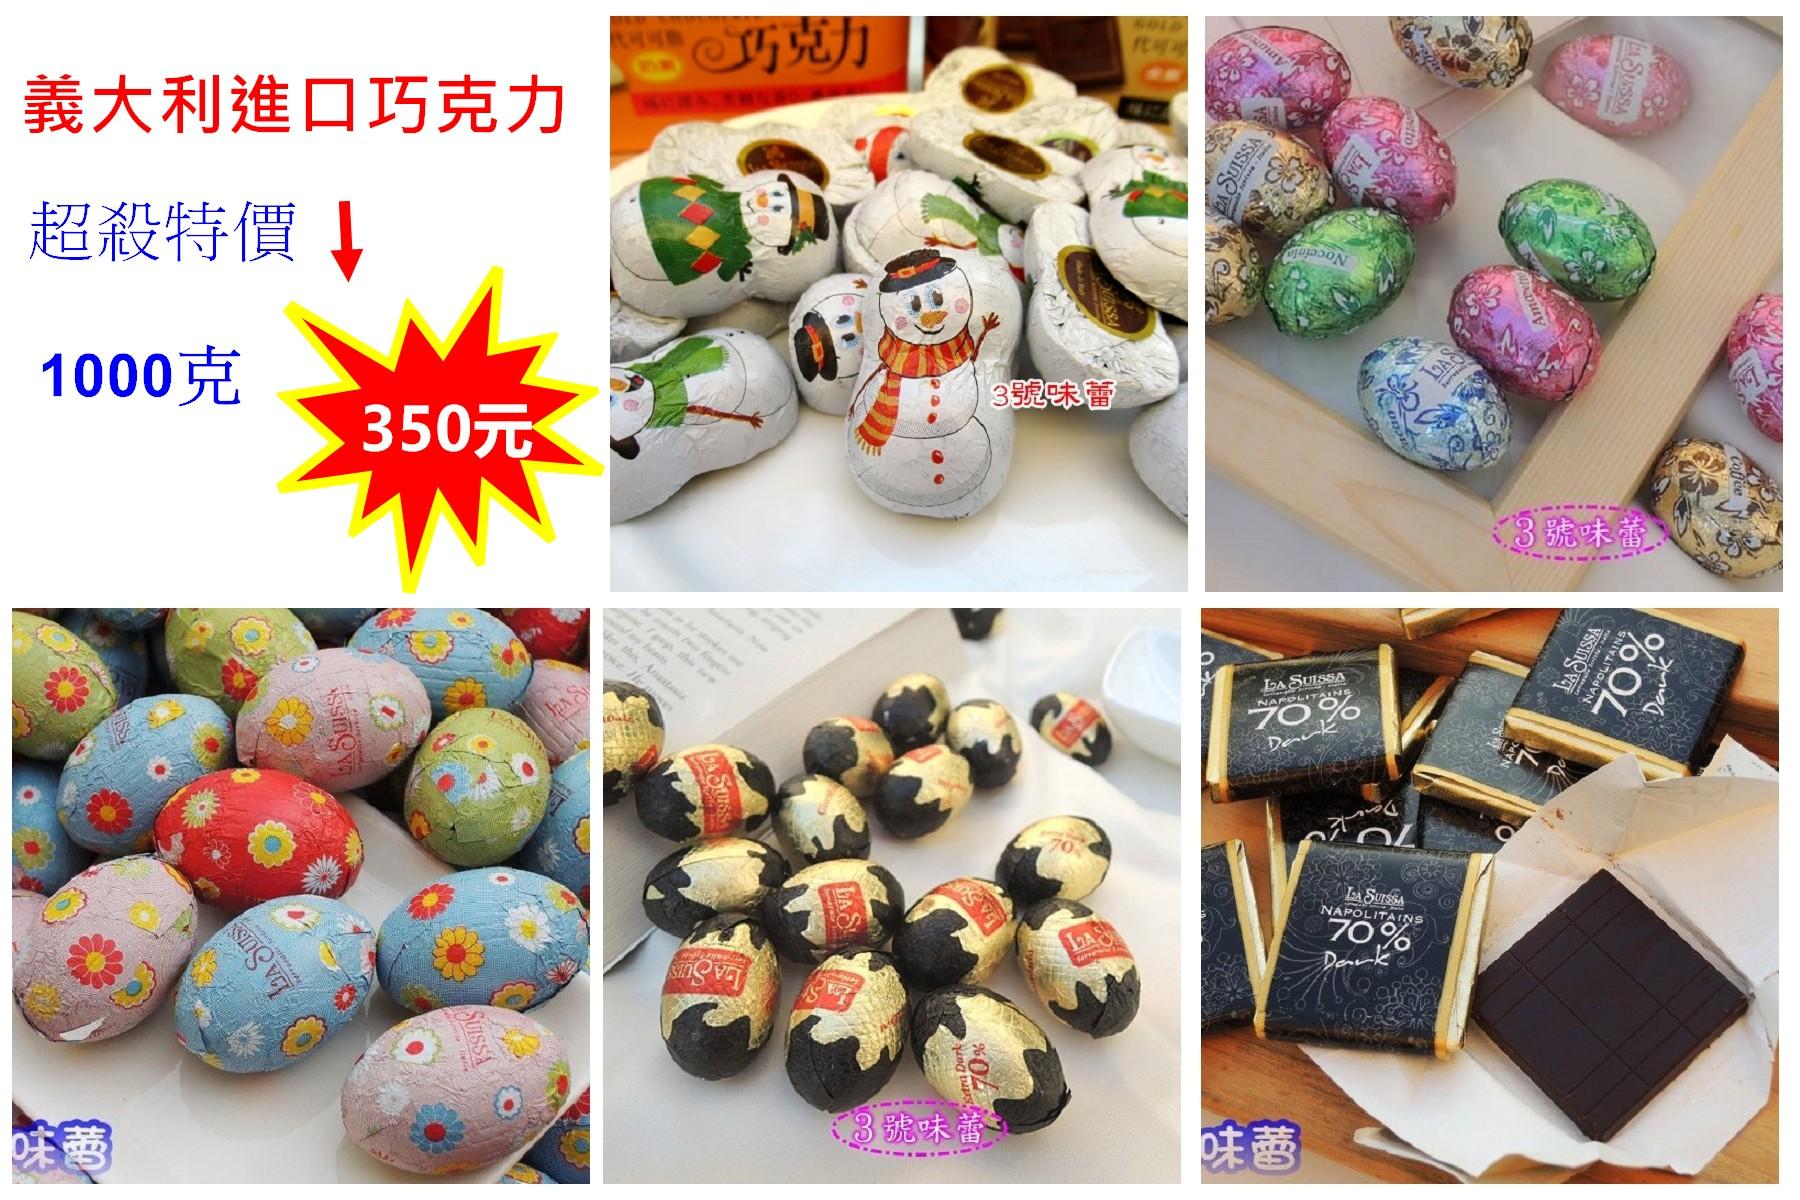 【特價】義大利進口巧克力--蛋形巧克力、70%黑巧克力   超低特價回饋